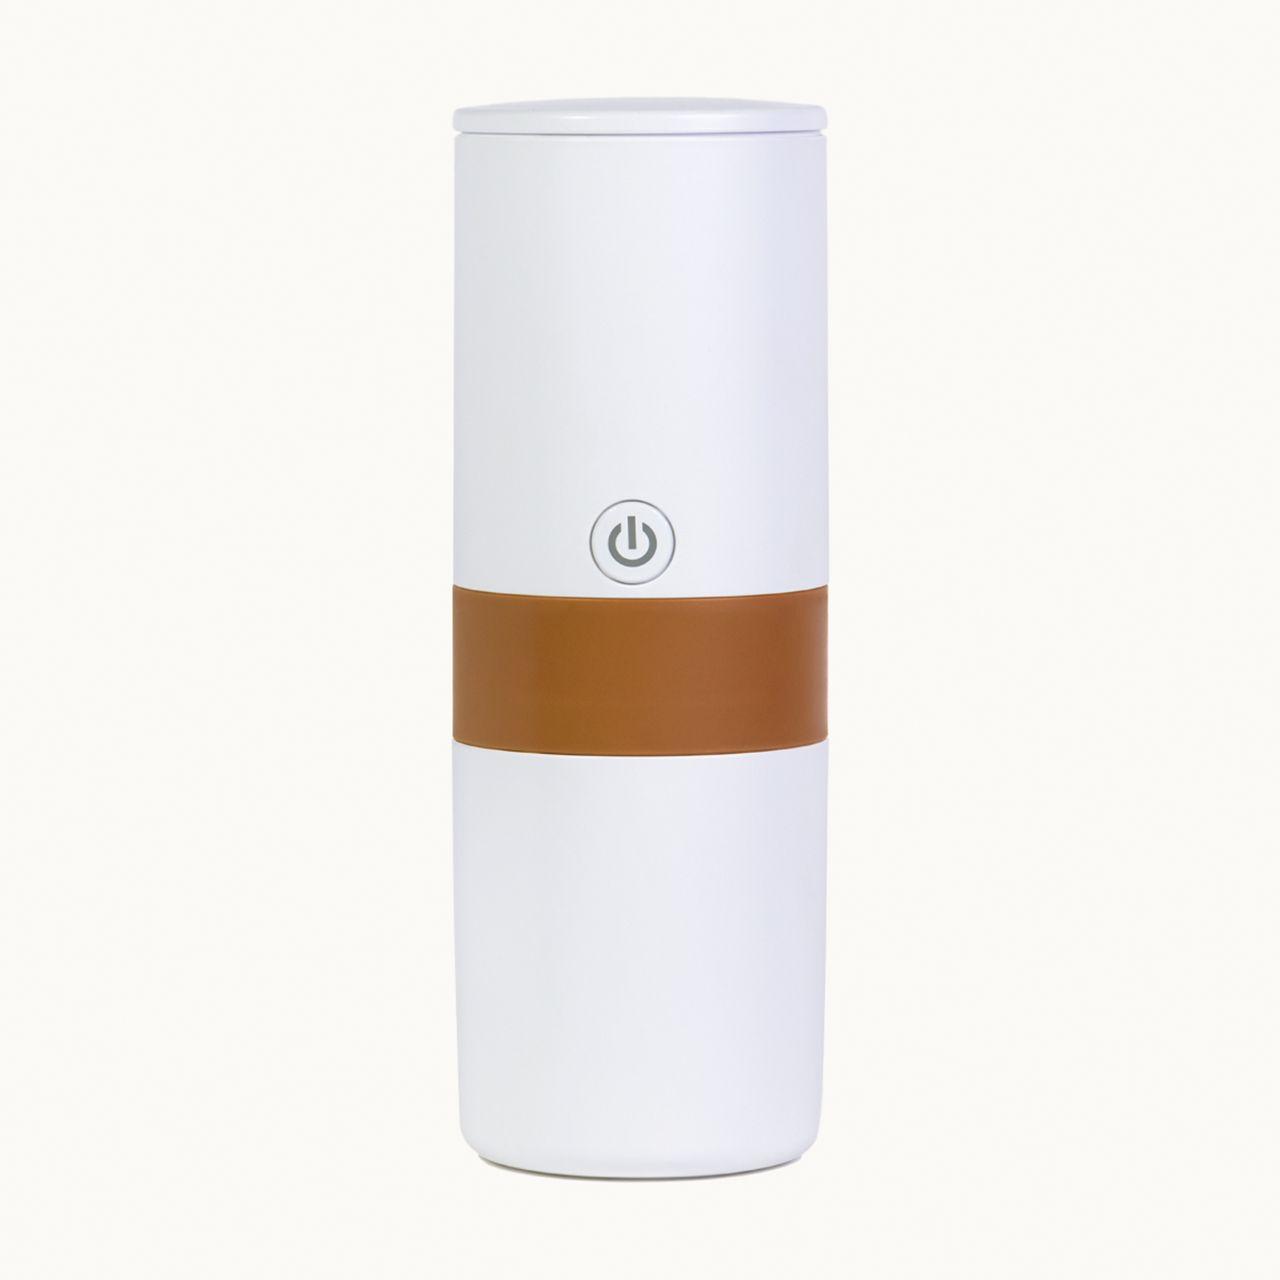 قهوه ساز آی مونز مدل CP001